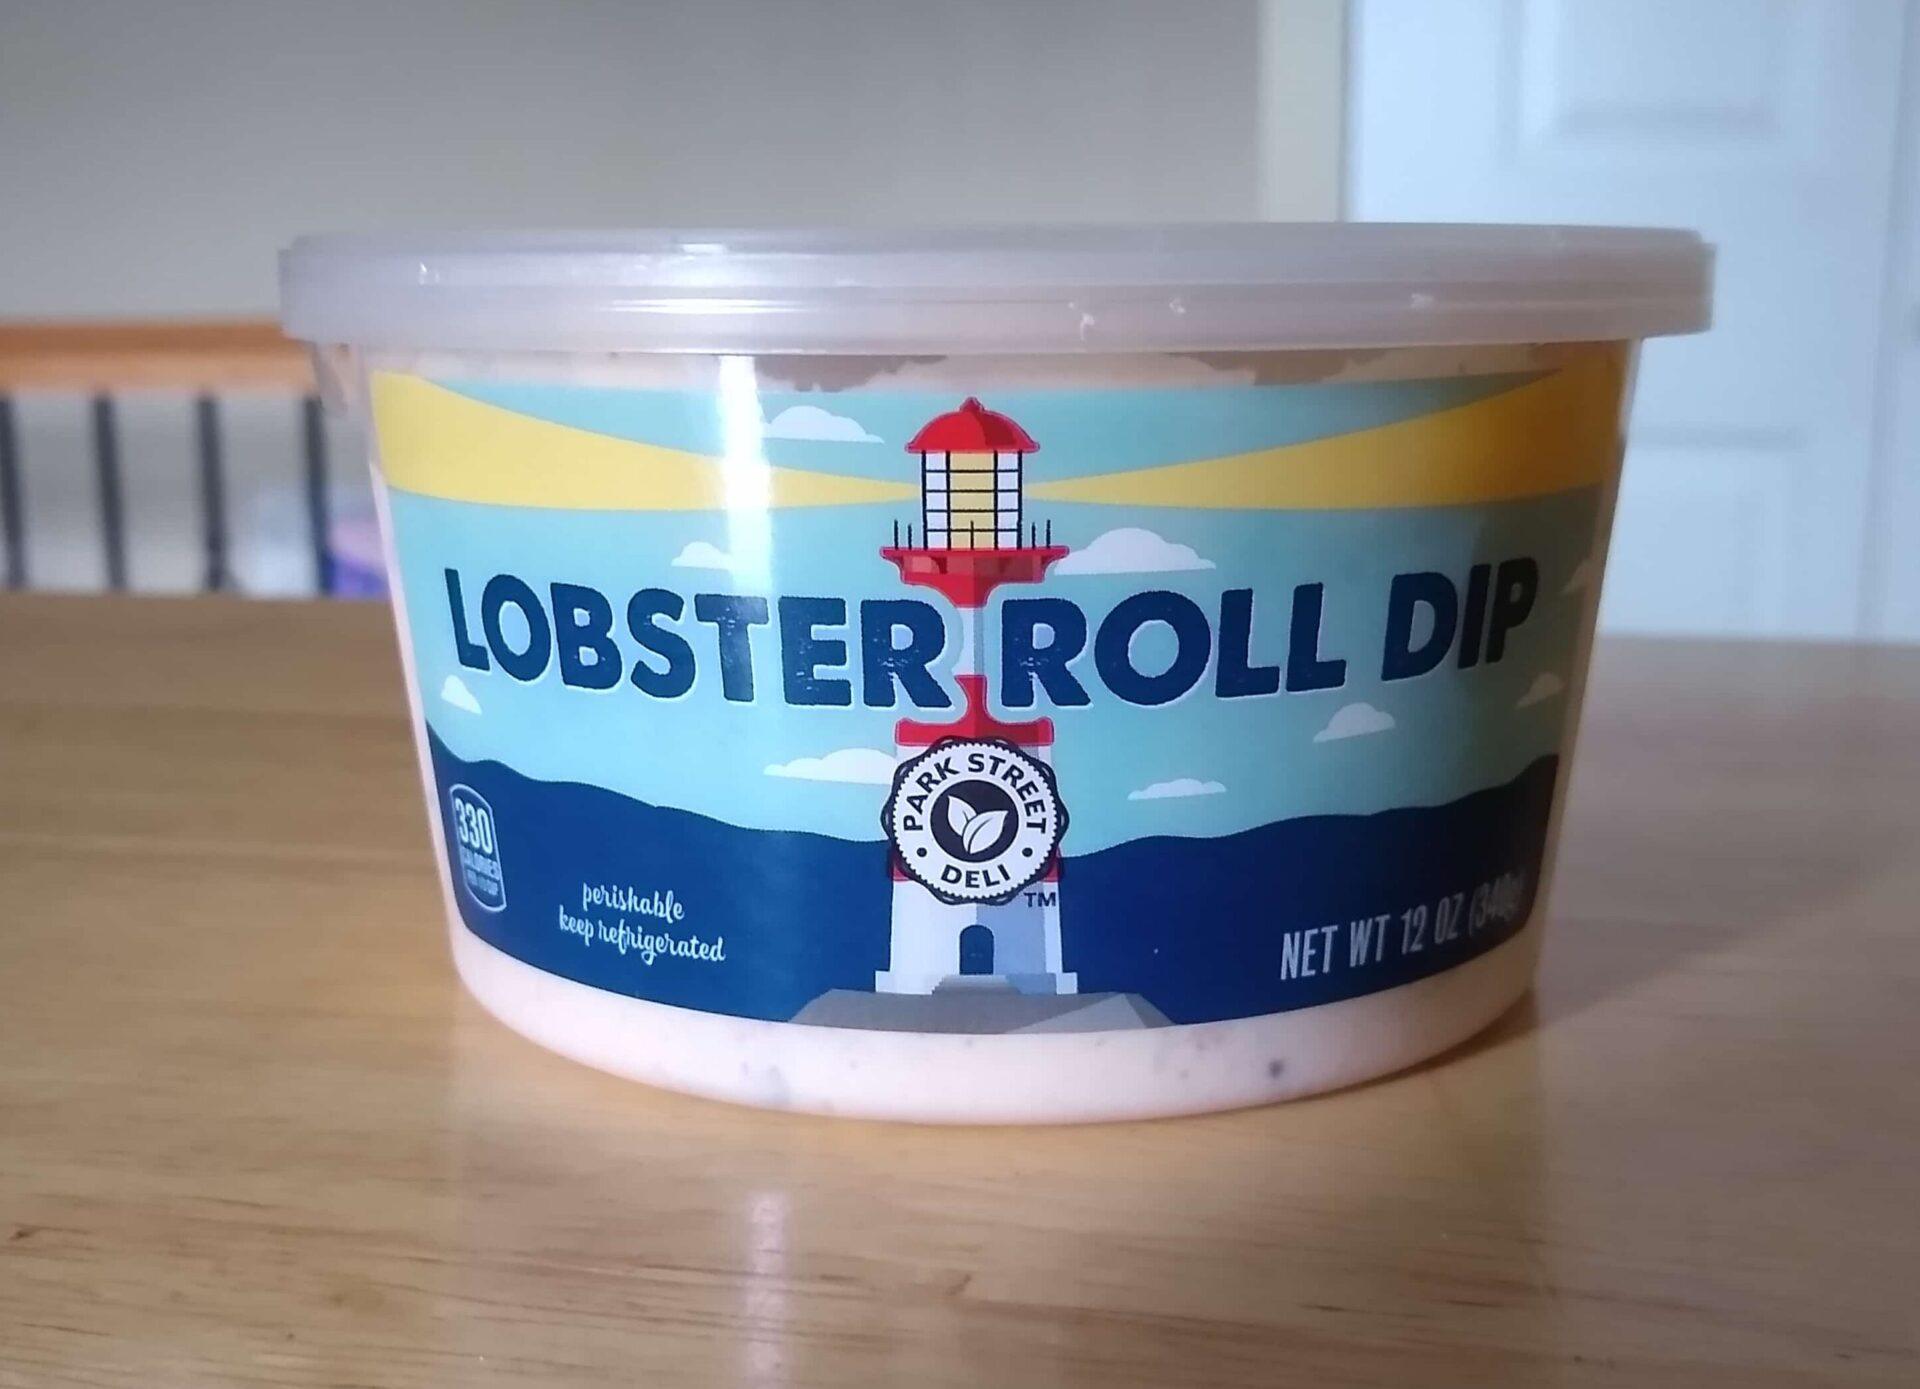 Park Street Deli Lobster Roll Dip